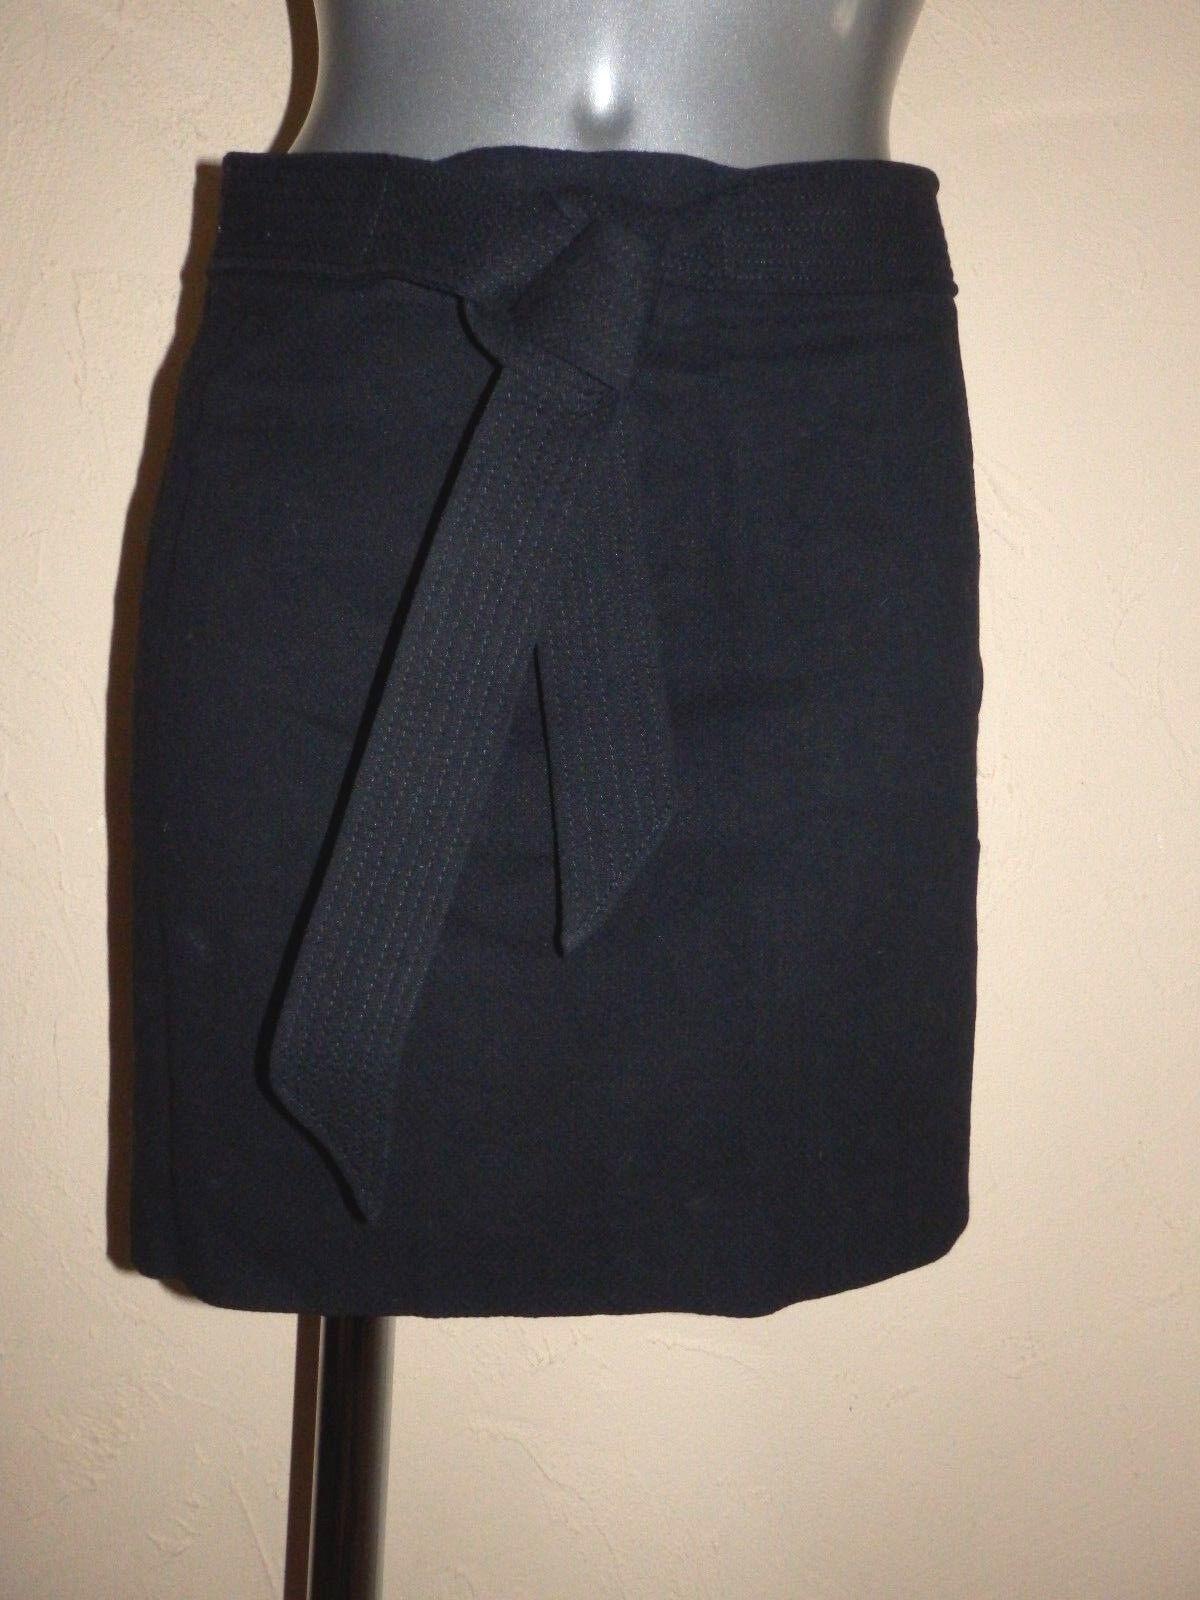 Isabel Marant - jupe en lin et coton black - size 36fr - authentique